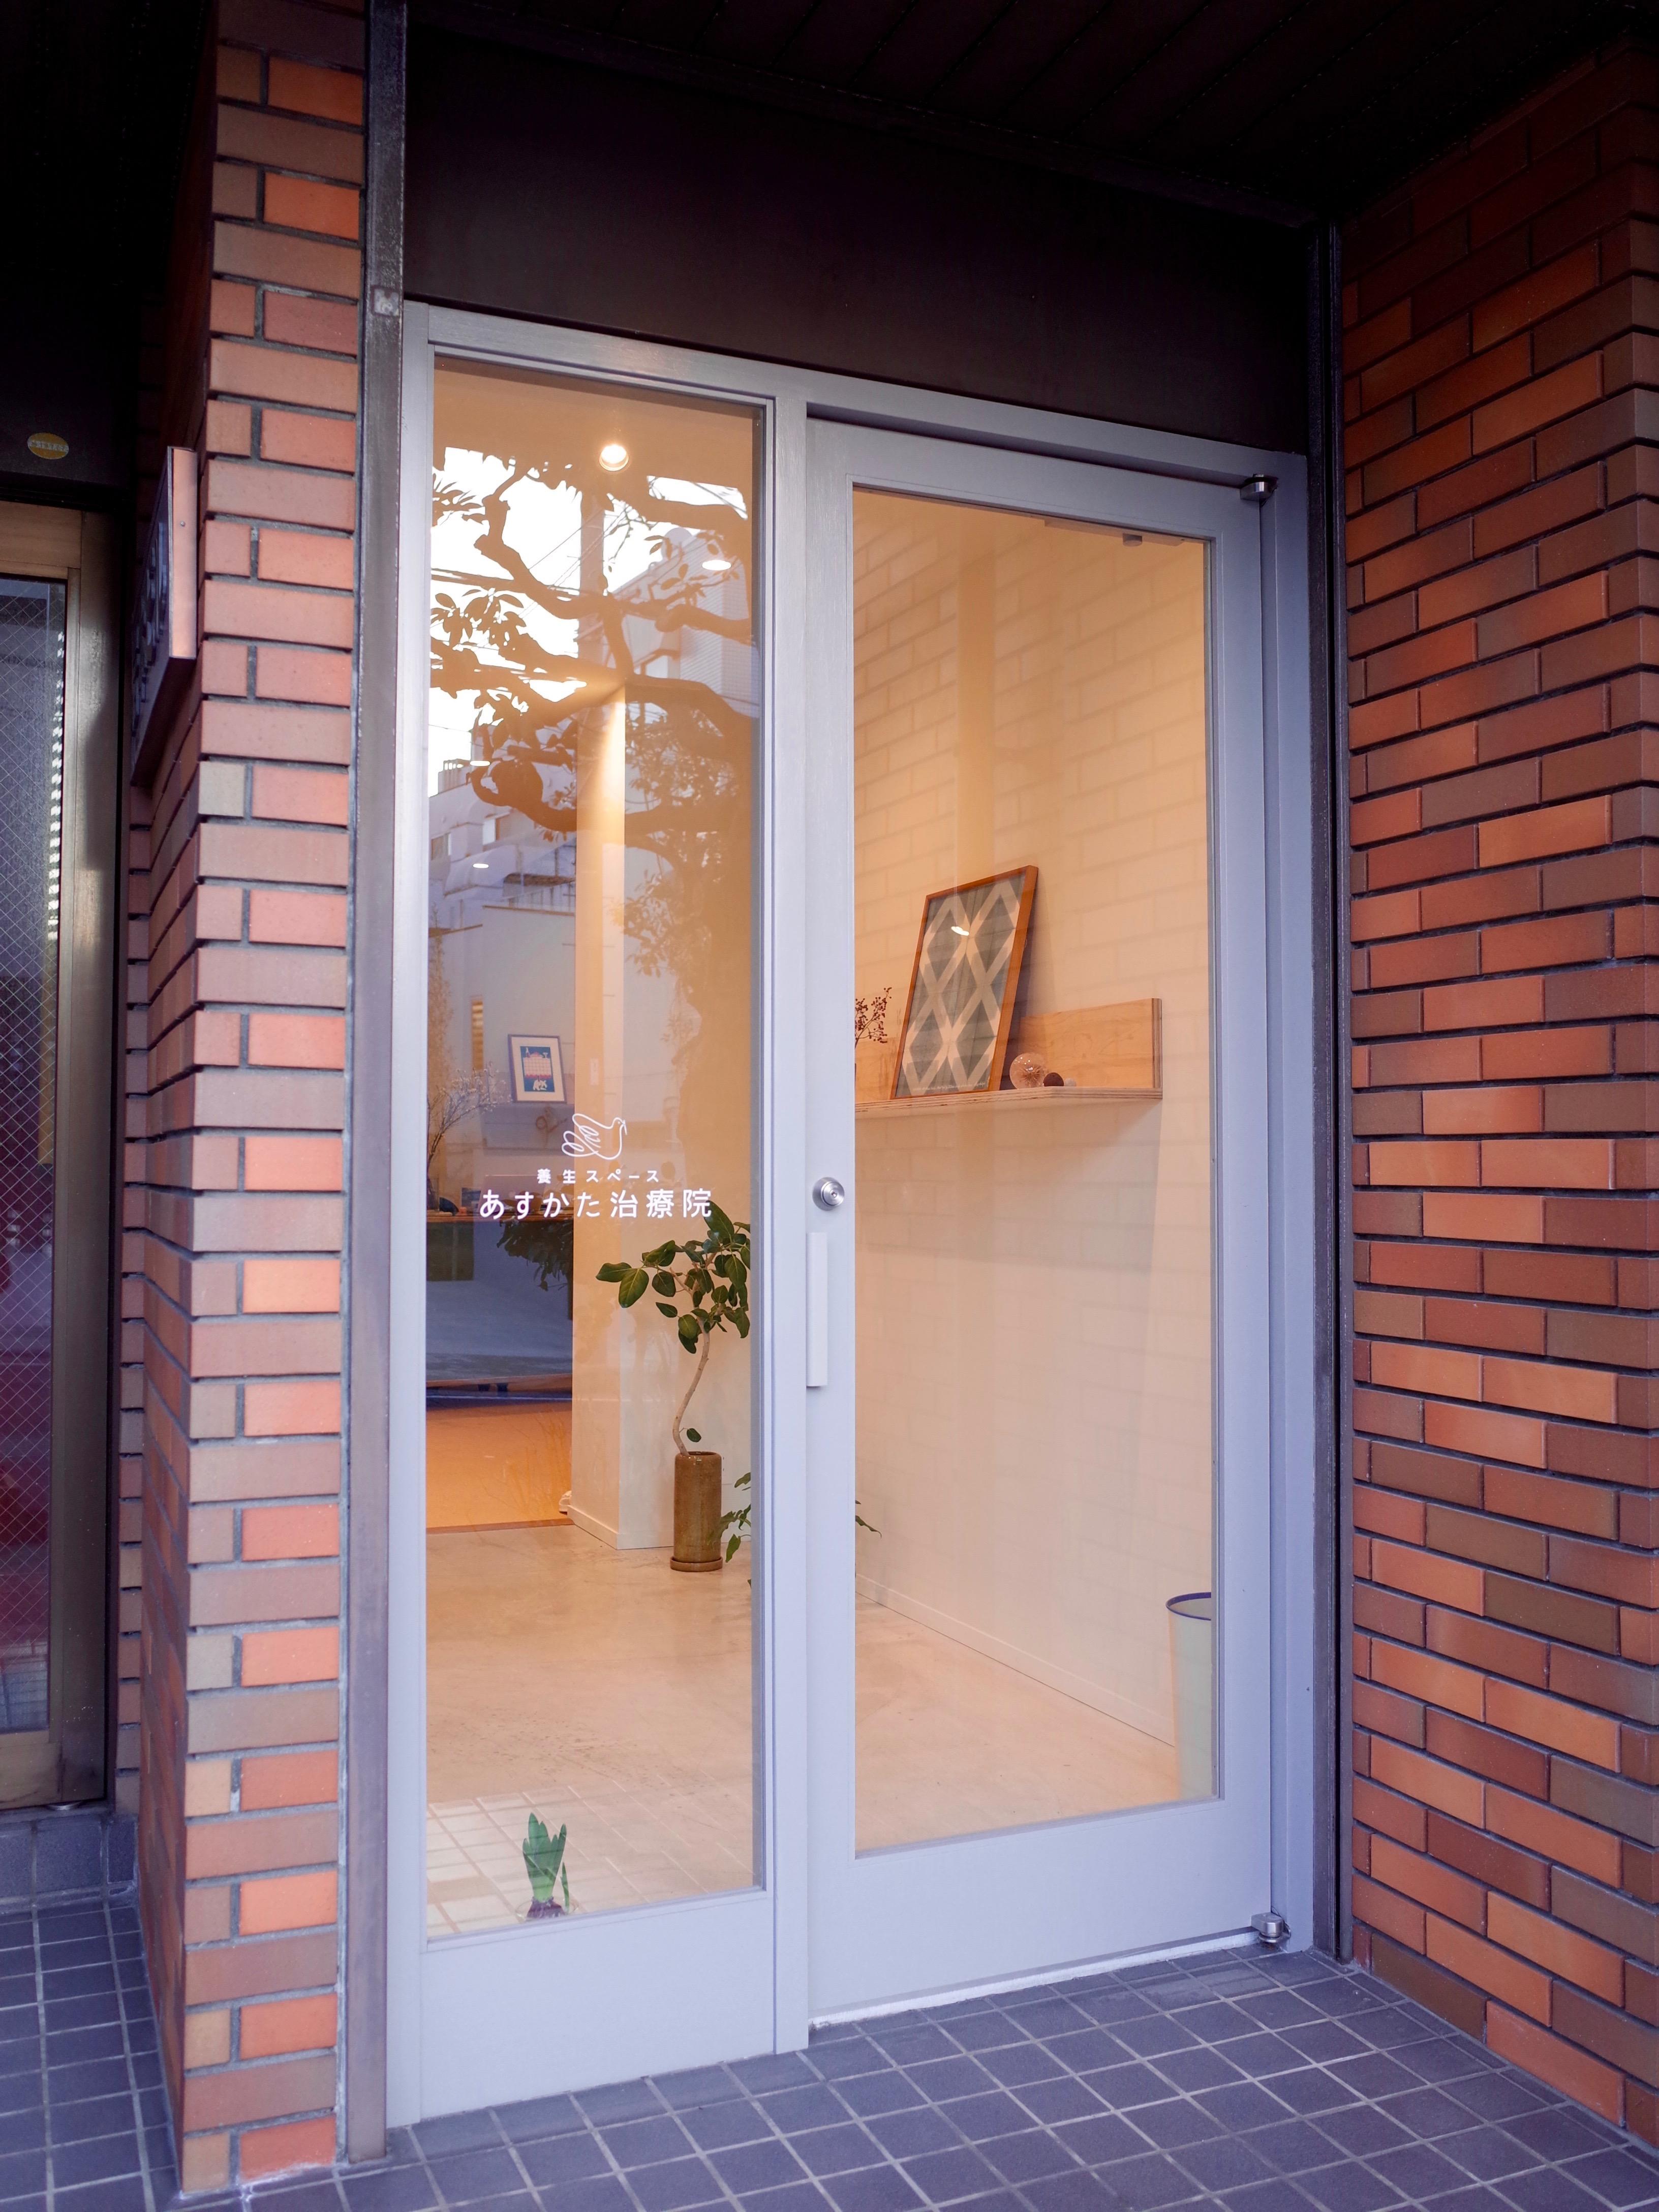 養生スペース あすかた治療院 小田原駅 アクセス 店舗外観